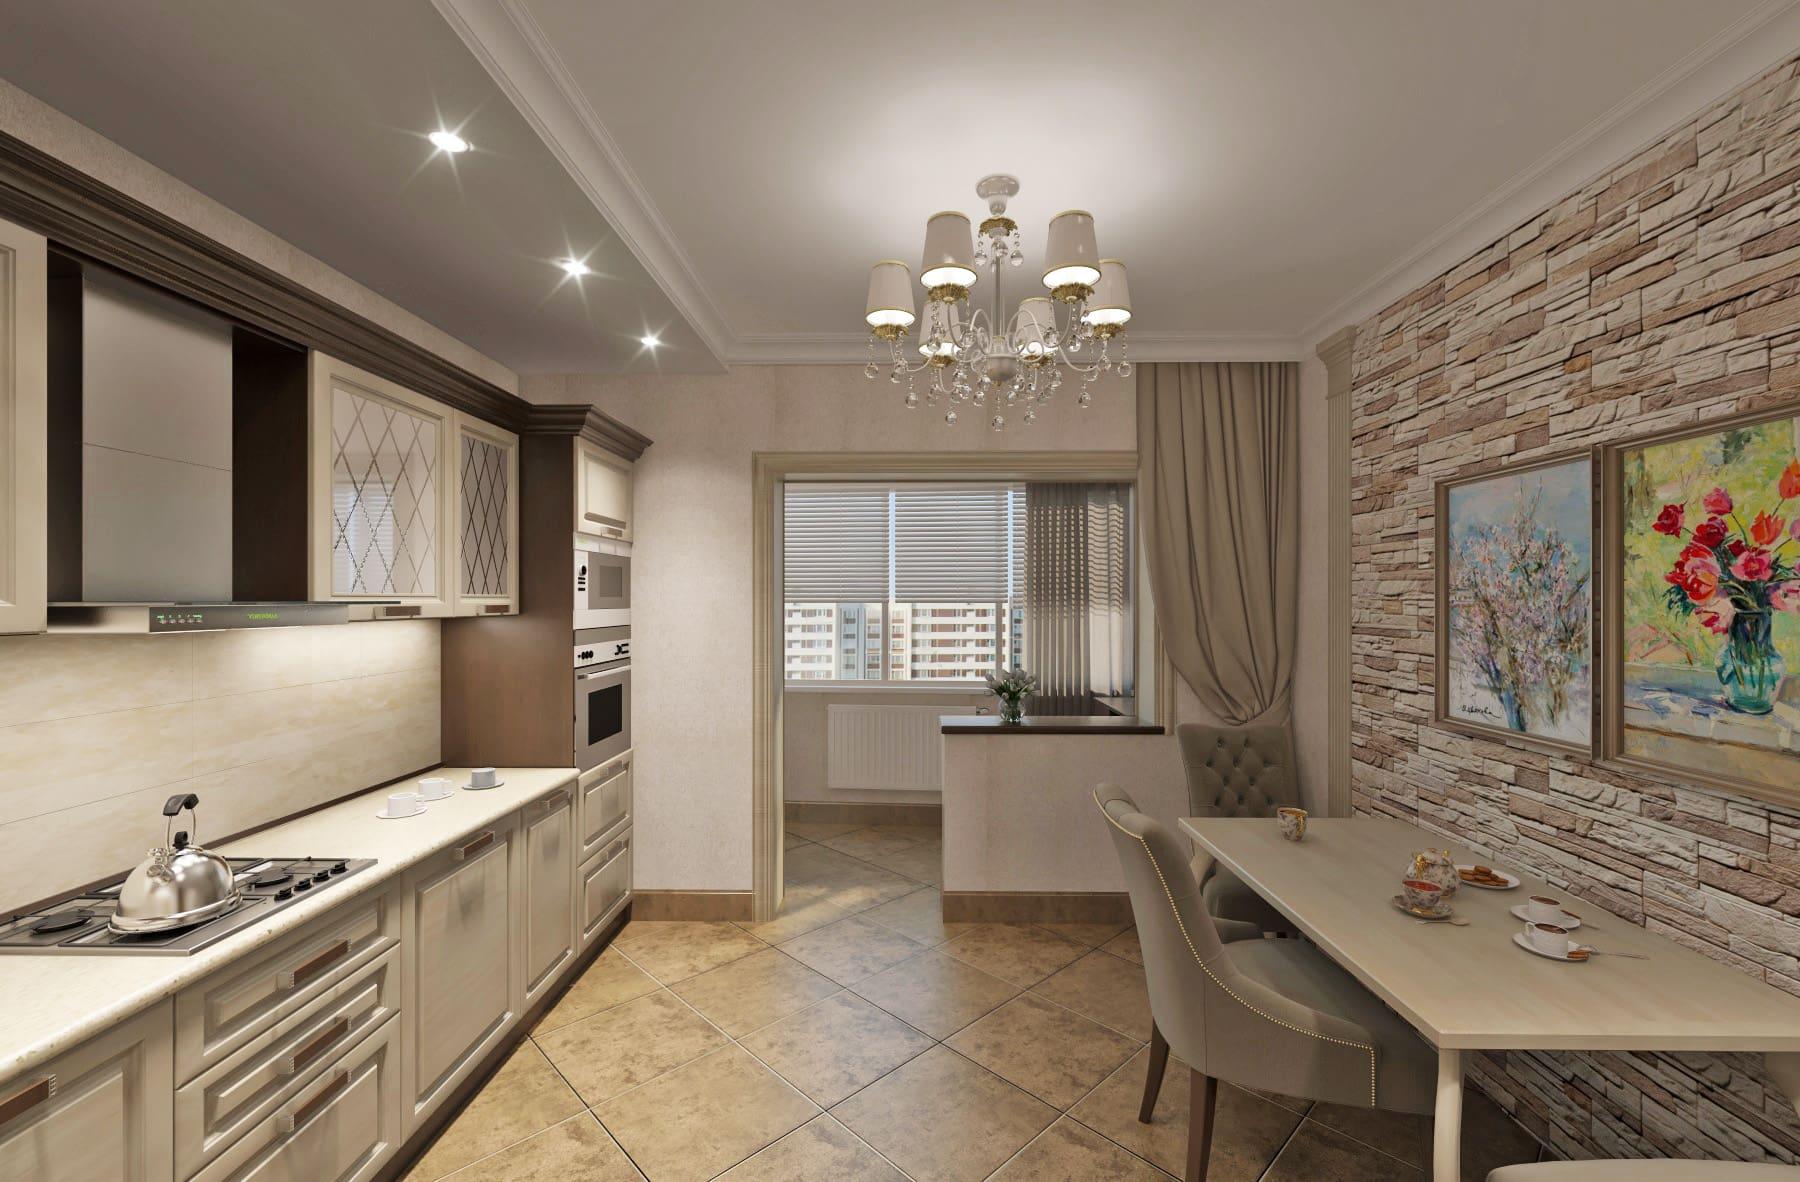 Дизайн интерьера в Ставрополе кухня плитка песочного цвета люстра классическая